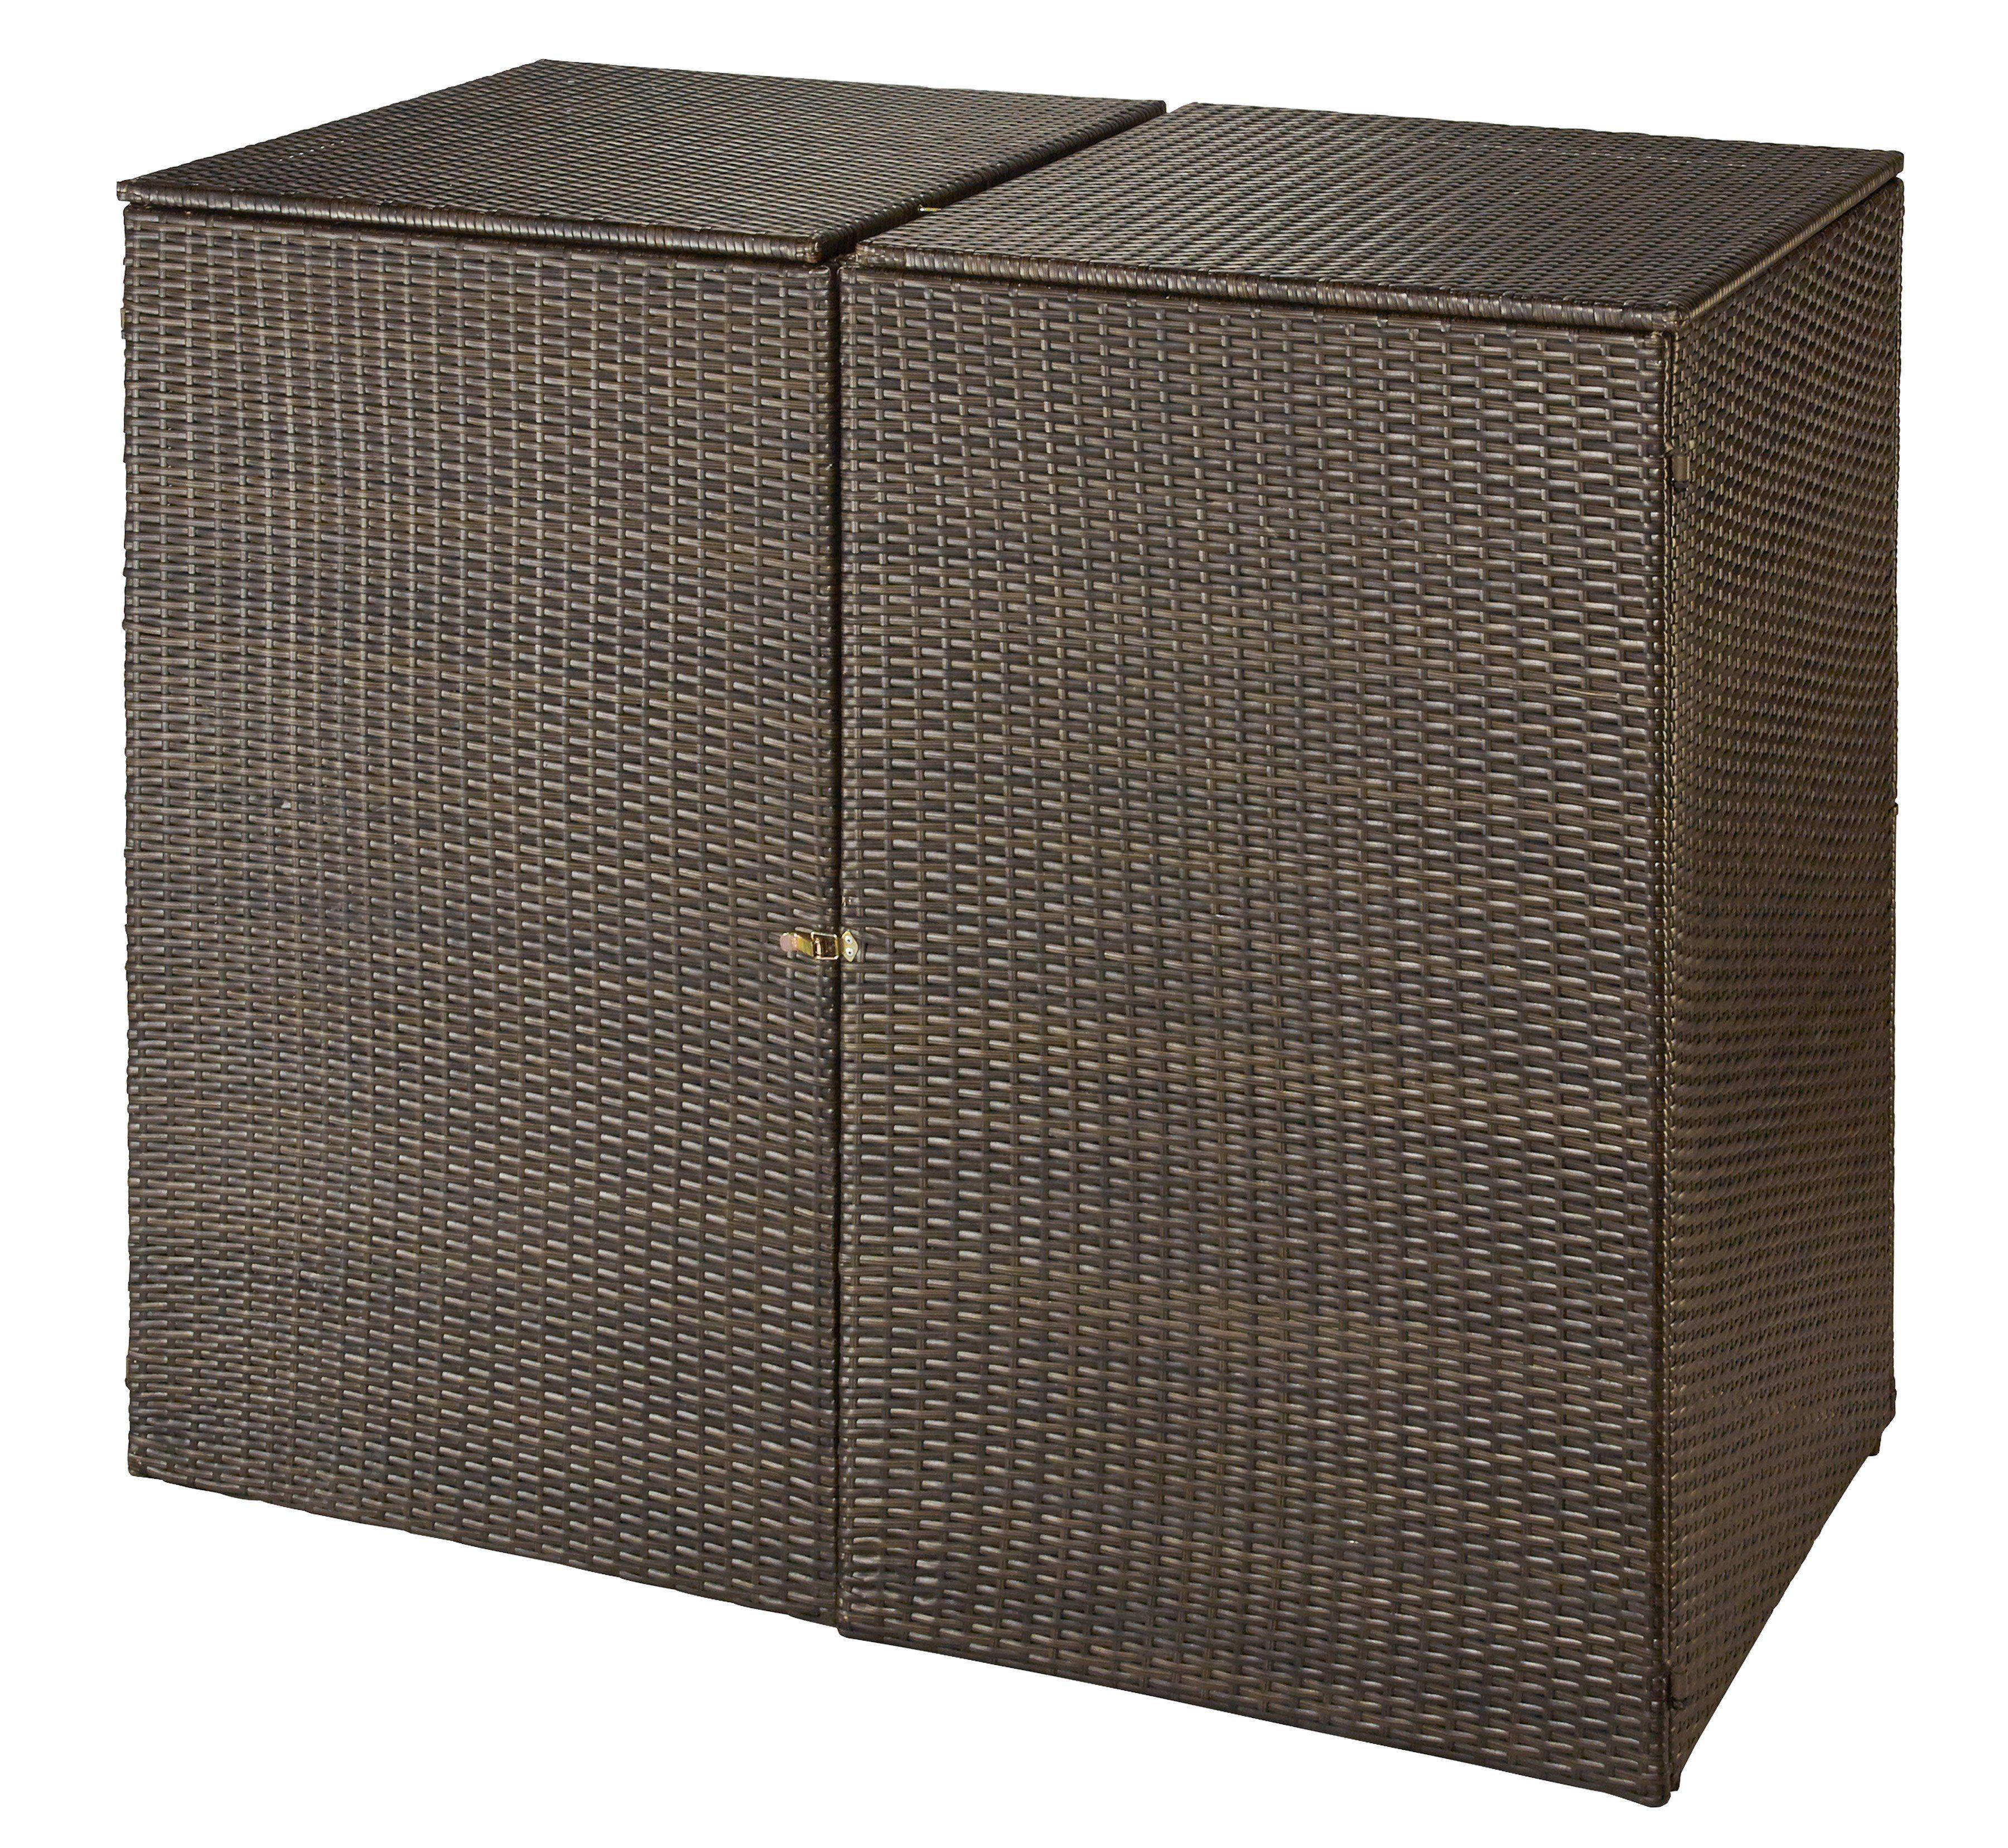 HANSE GARTENLAND Mülltonnenbox , für 2x240 l aus Polyrattan, B/T/H: 150/78/123 cm